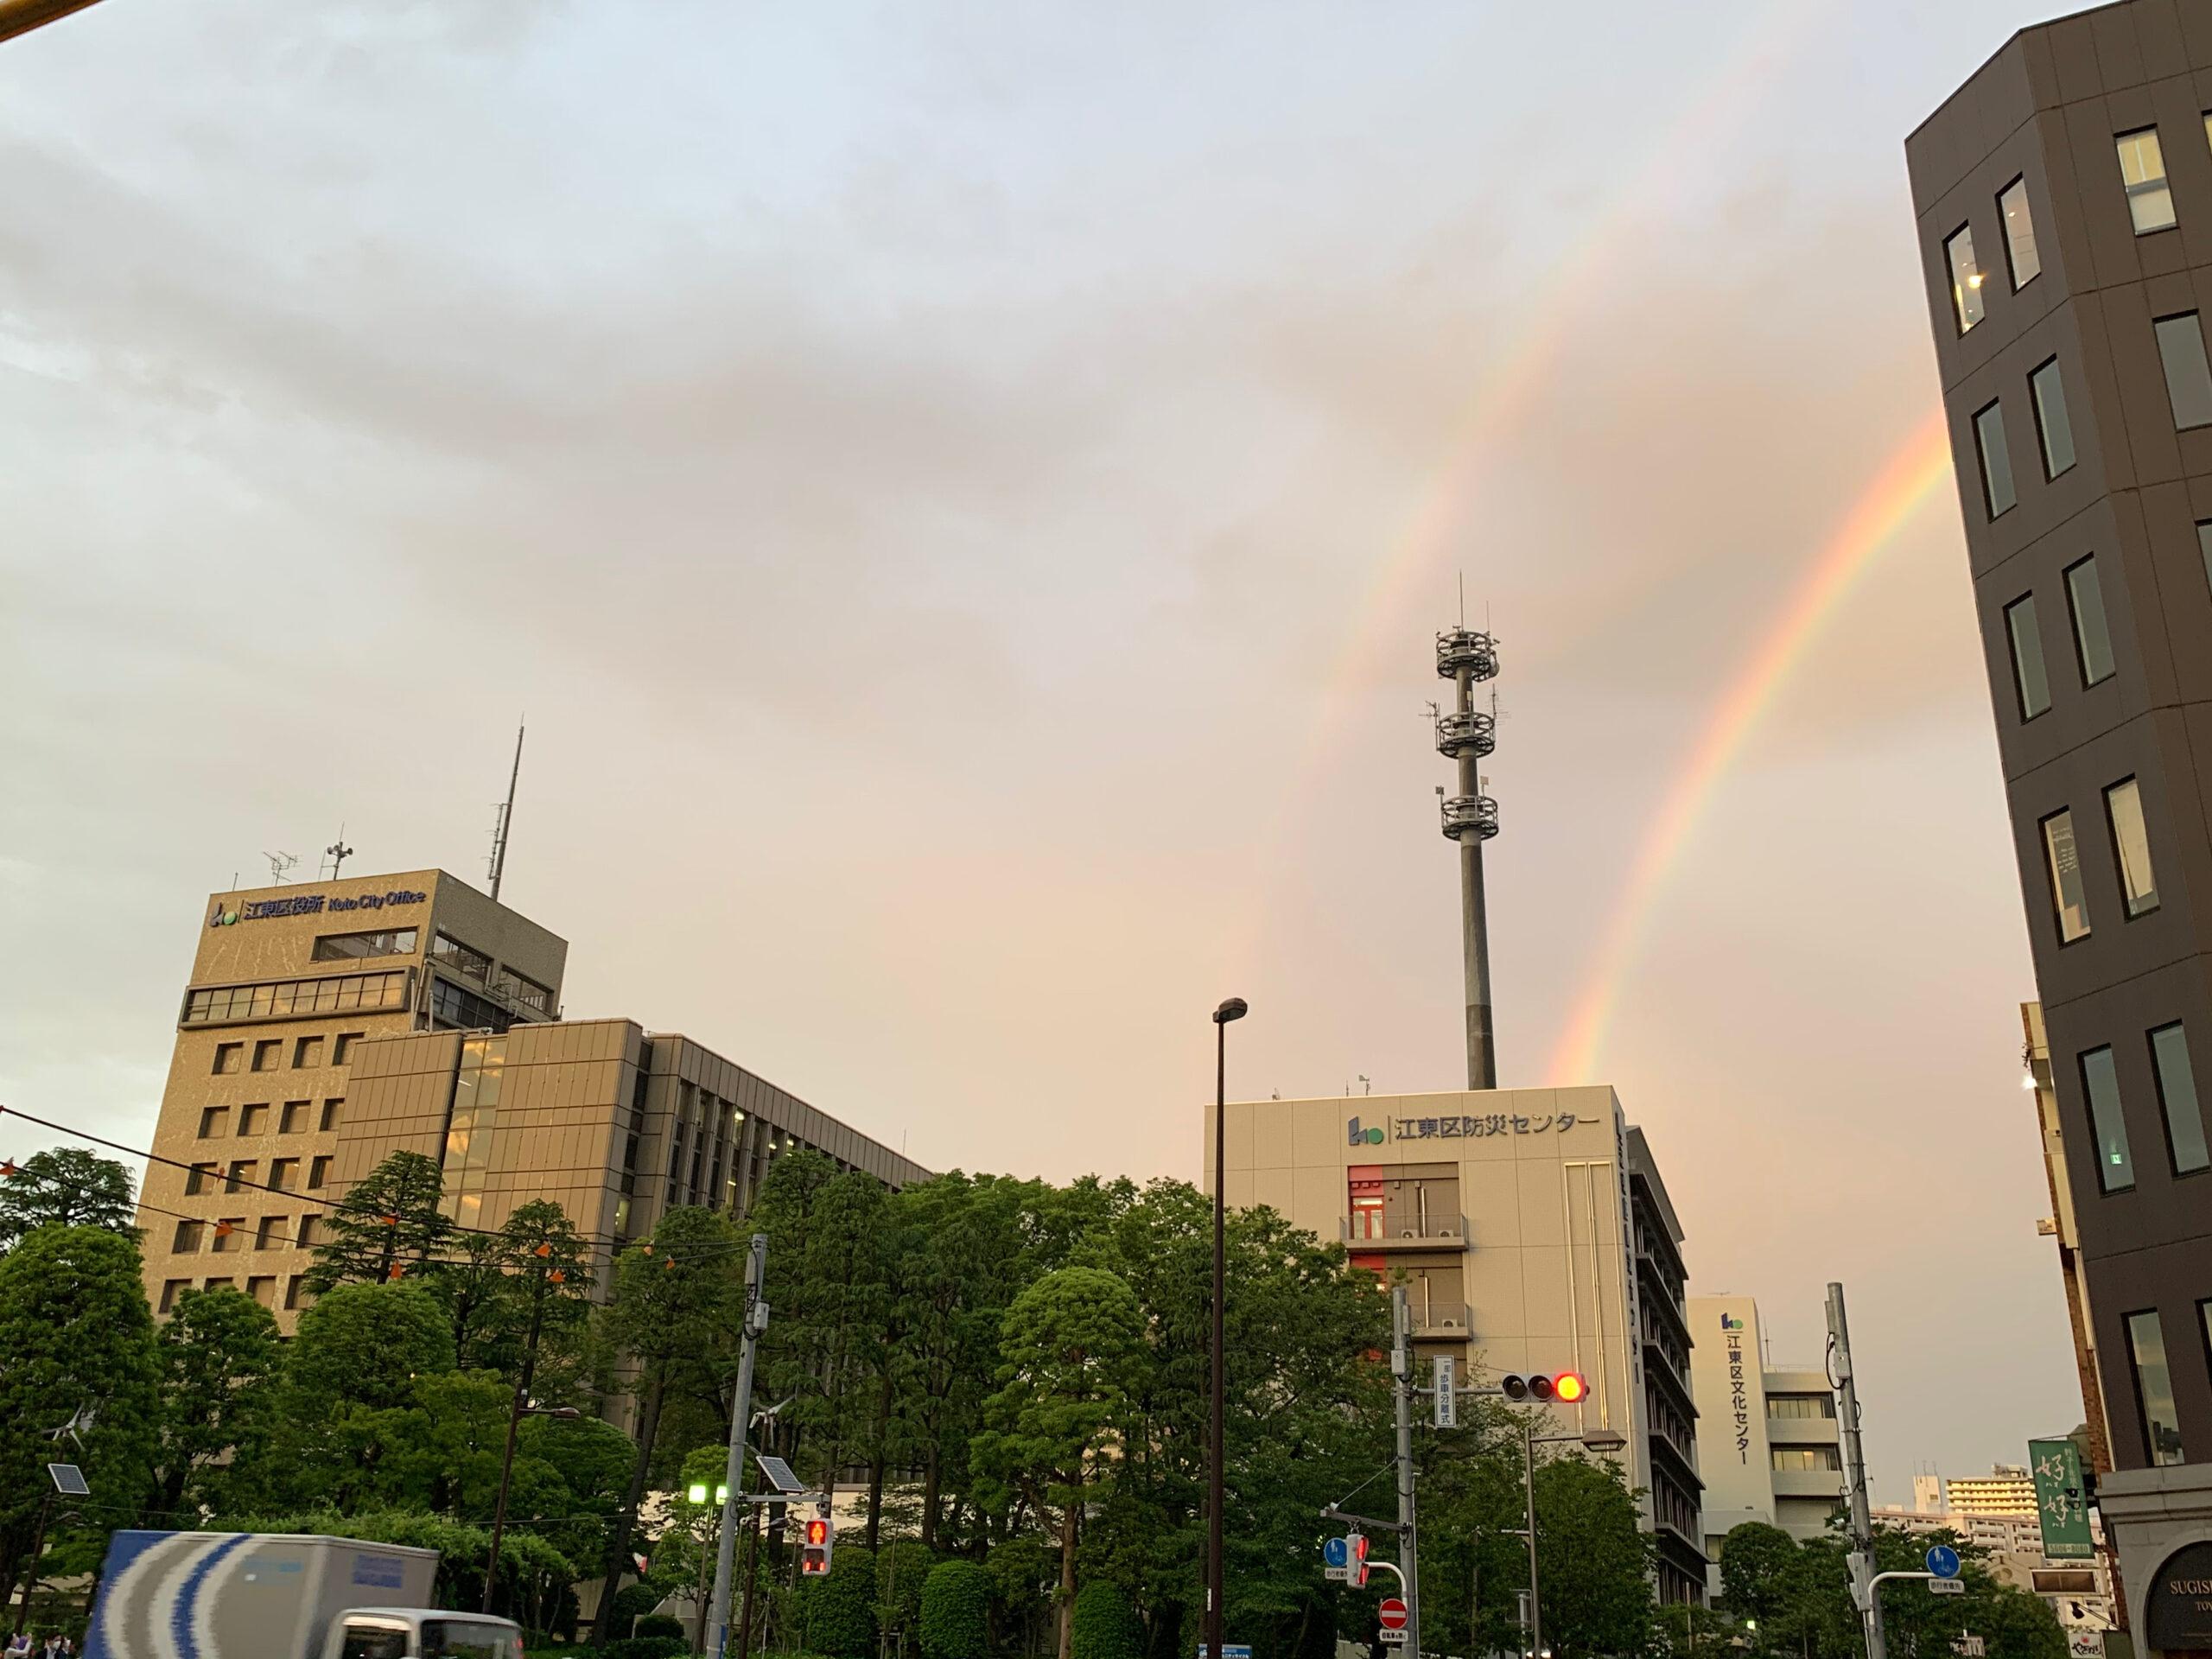 一昨日は見事な半円形を描いた素晴らしい虹を江東区界隈でも見る事が出来ました